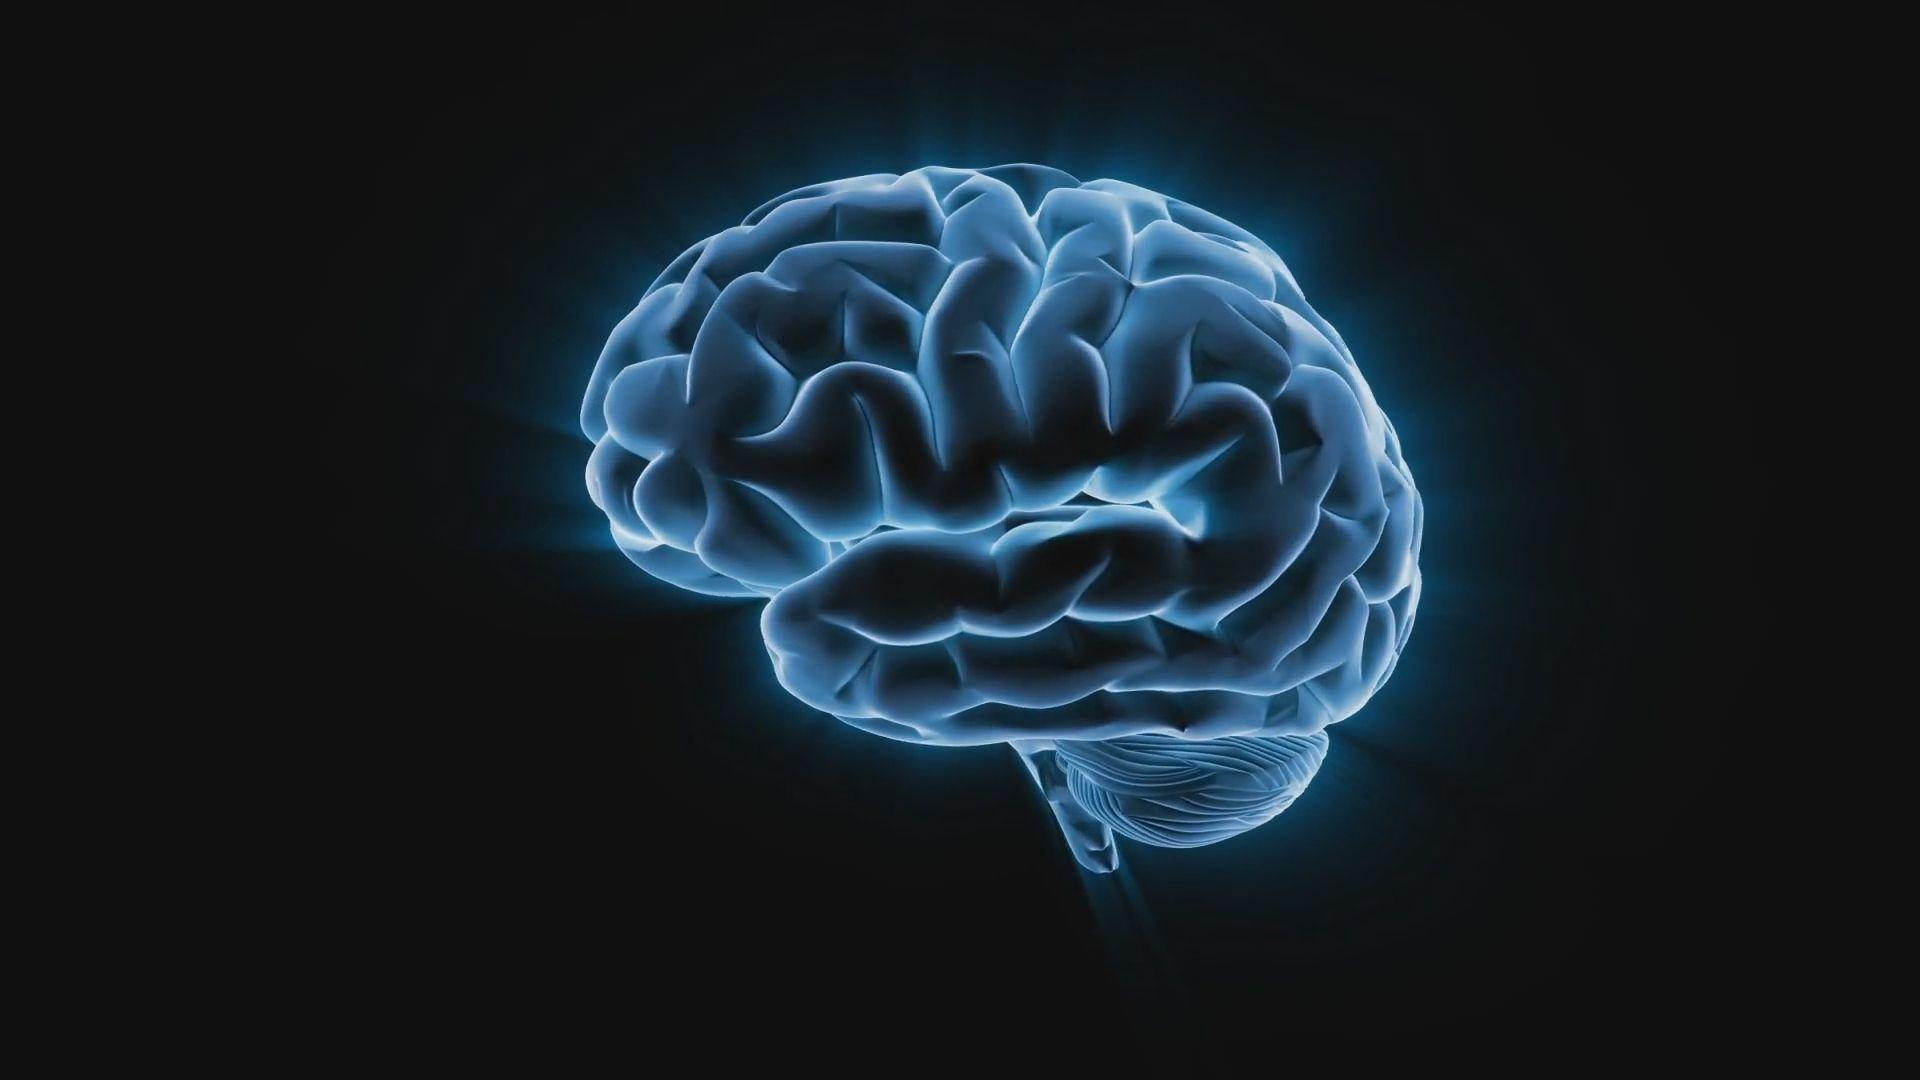 Brain Wallpaper Theme